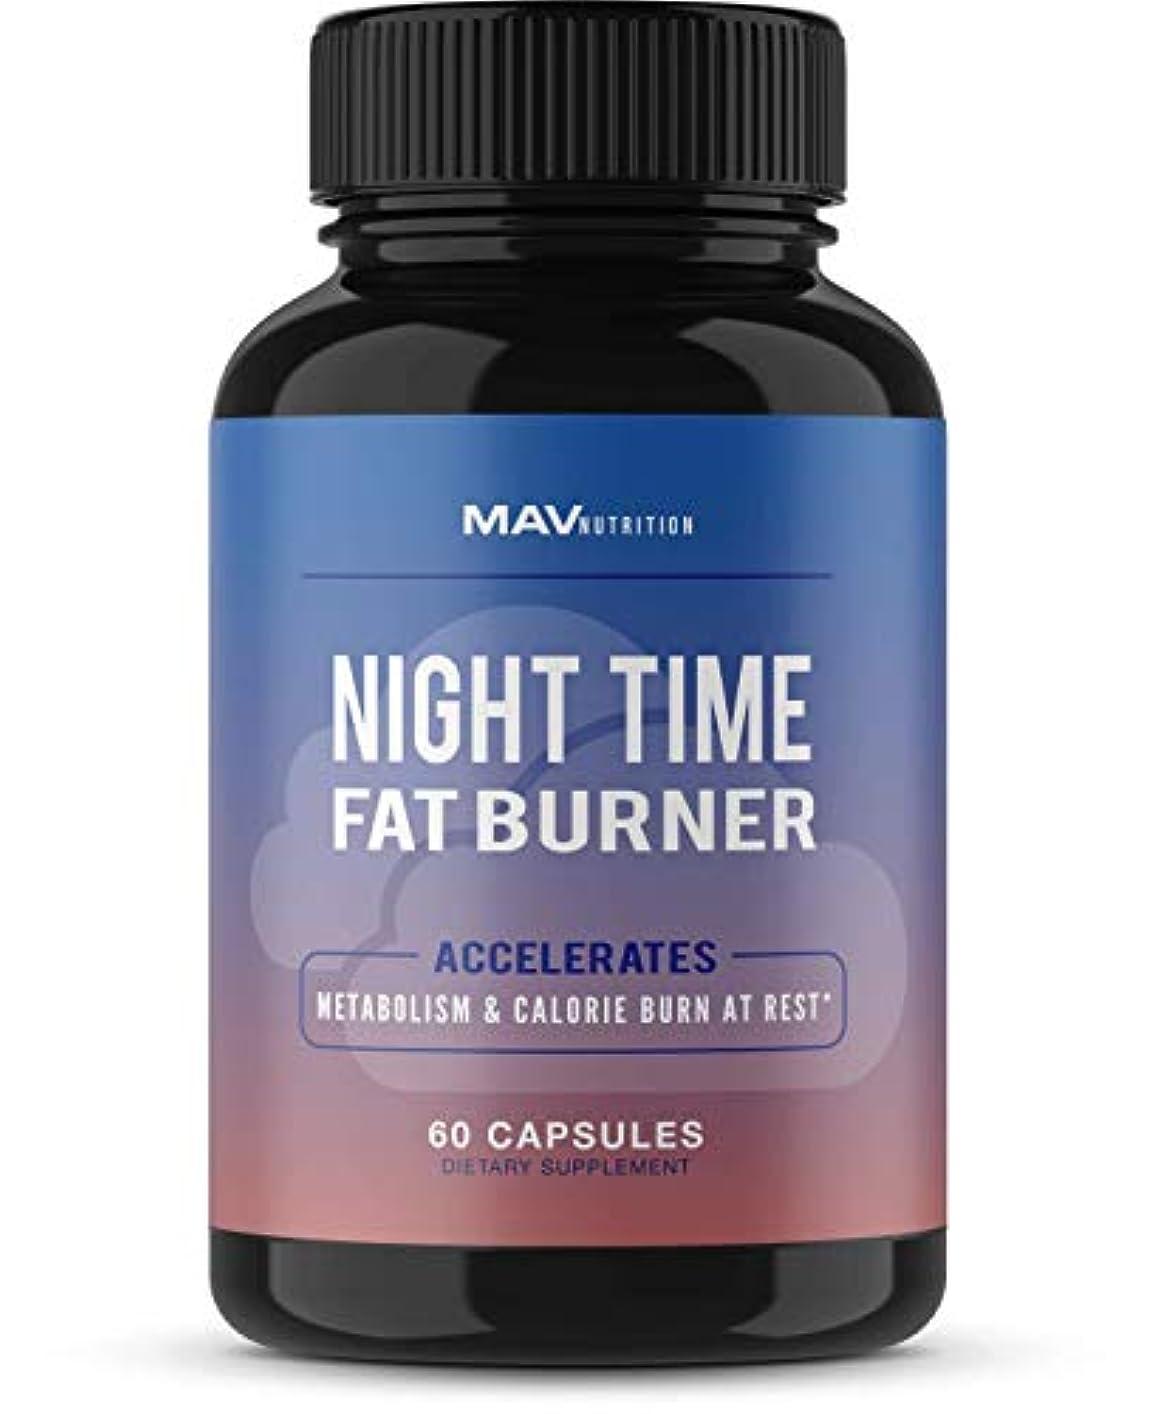 盆グラム不純MAV Nutrition Night Time Fat Burner 寝ながら脂肪燃焼 ダイエット サプリ 60粒 [海外直送品]